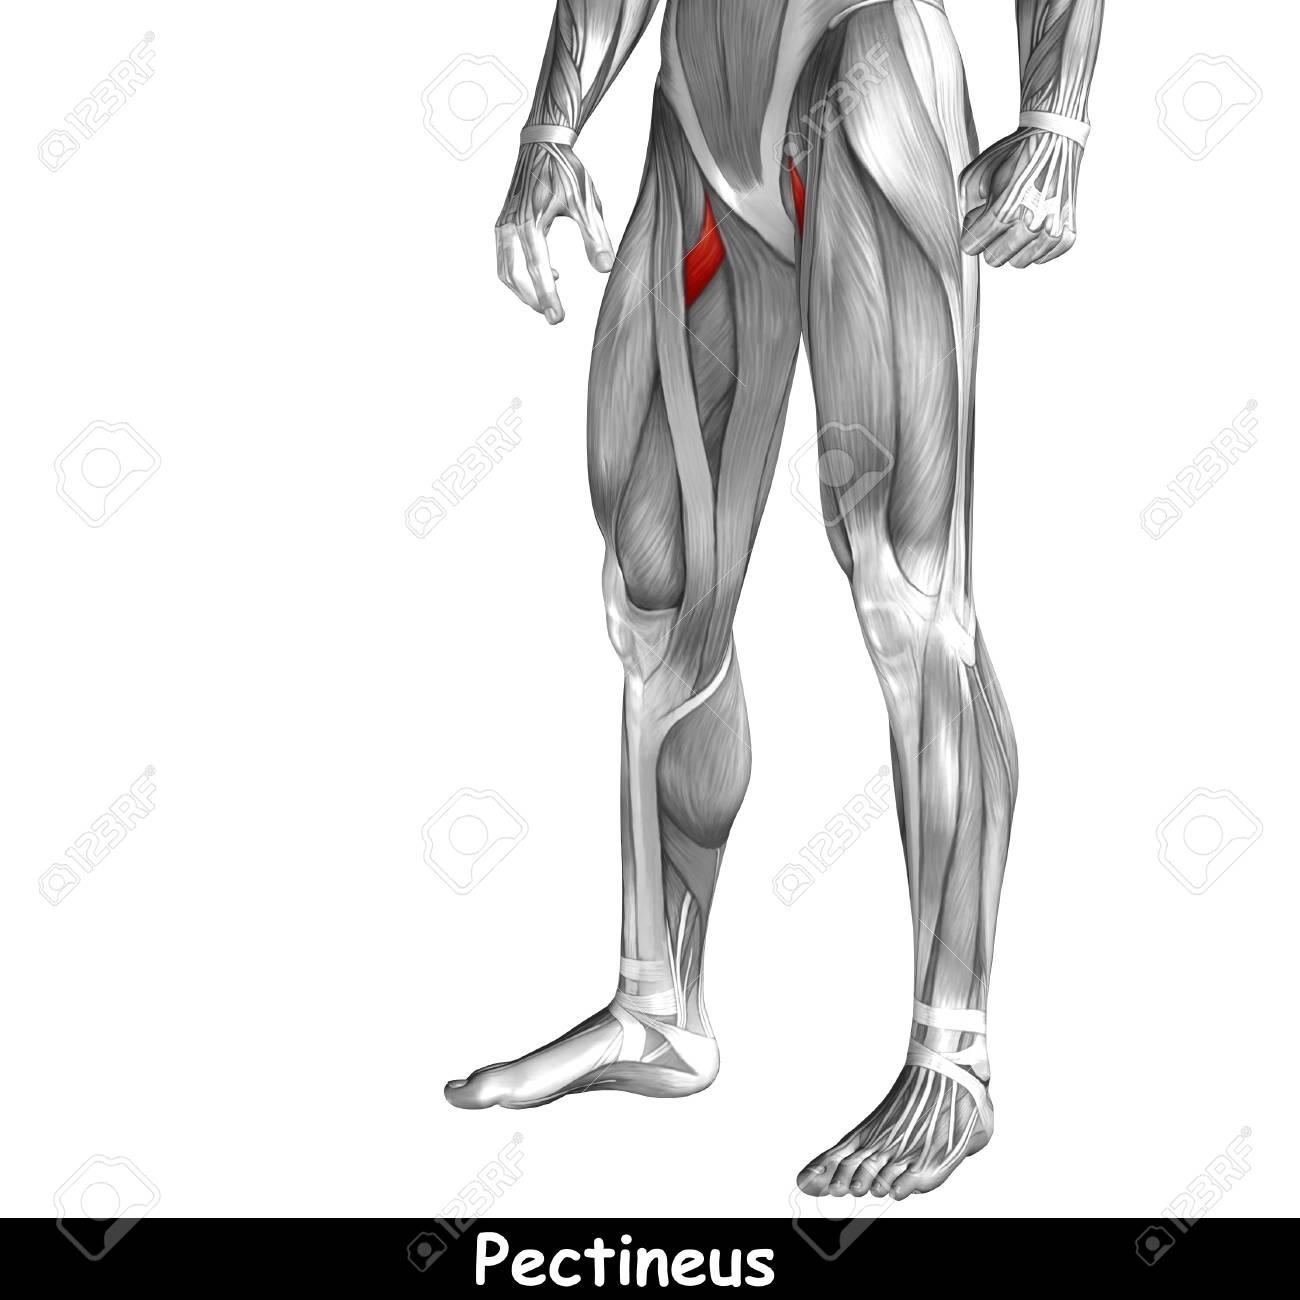 Gemütlich Vordere Beinmuskelanatomie Bilder - Anatomie Von ...